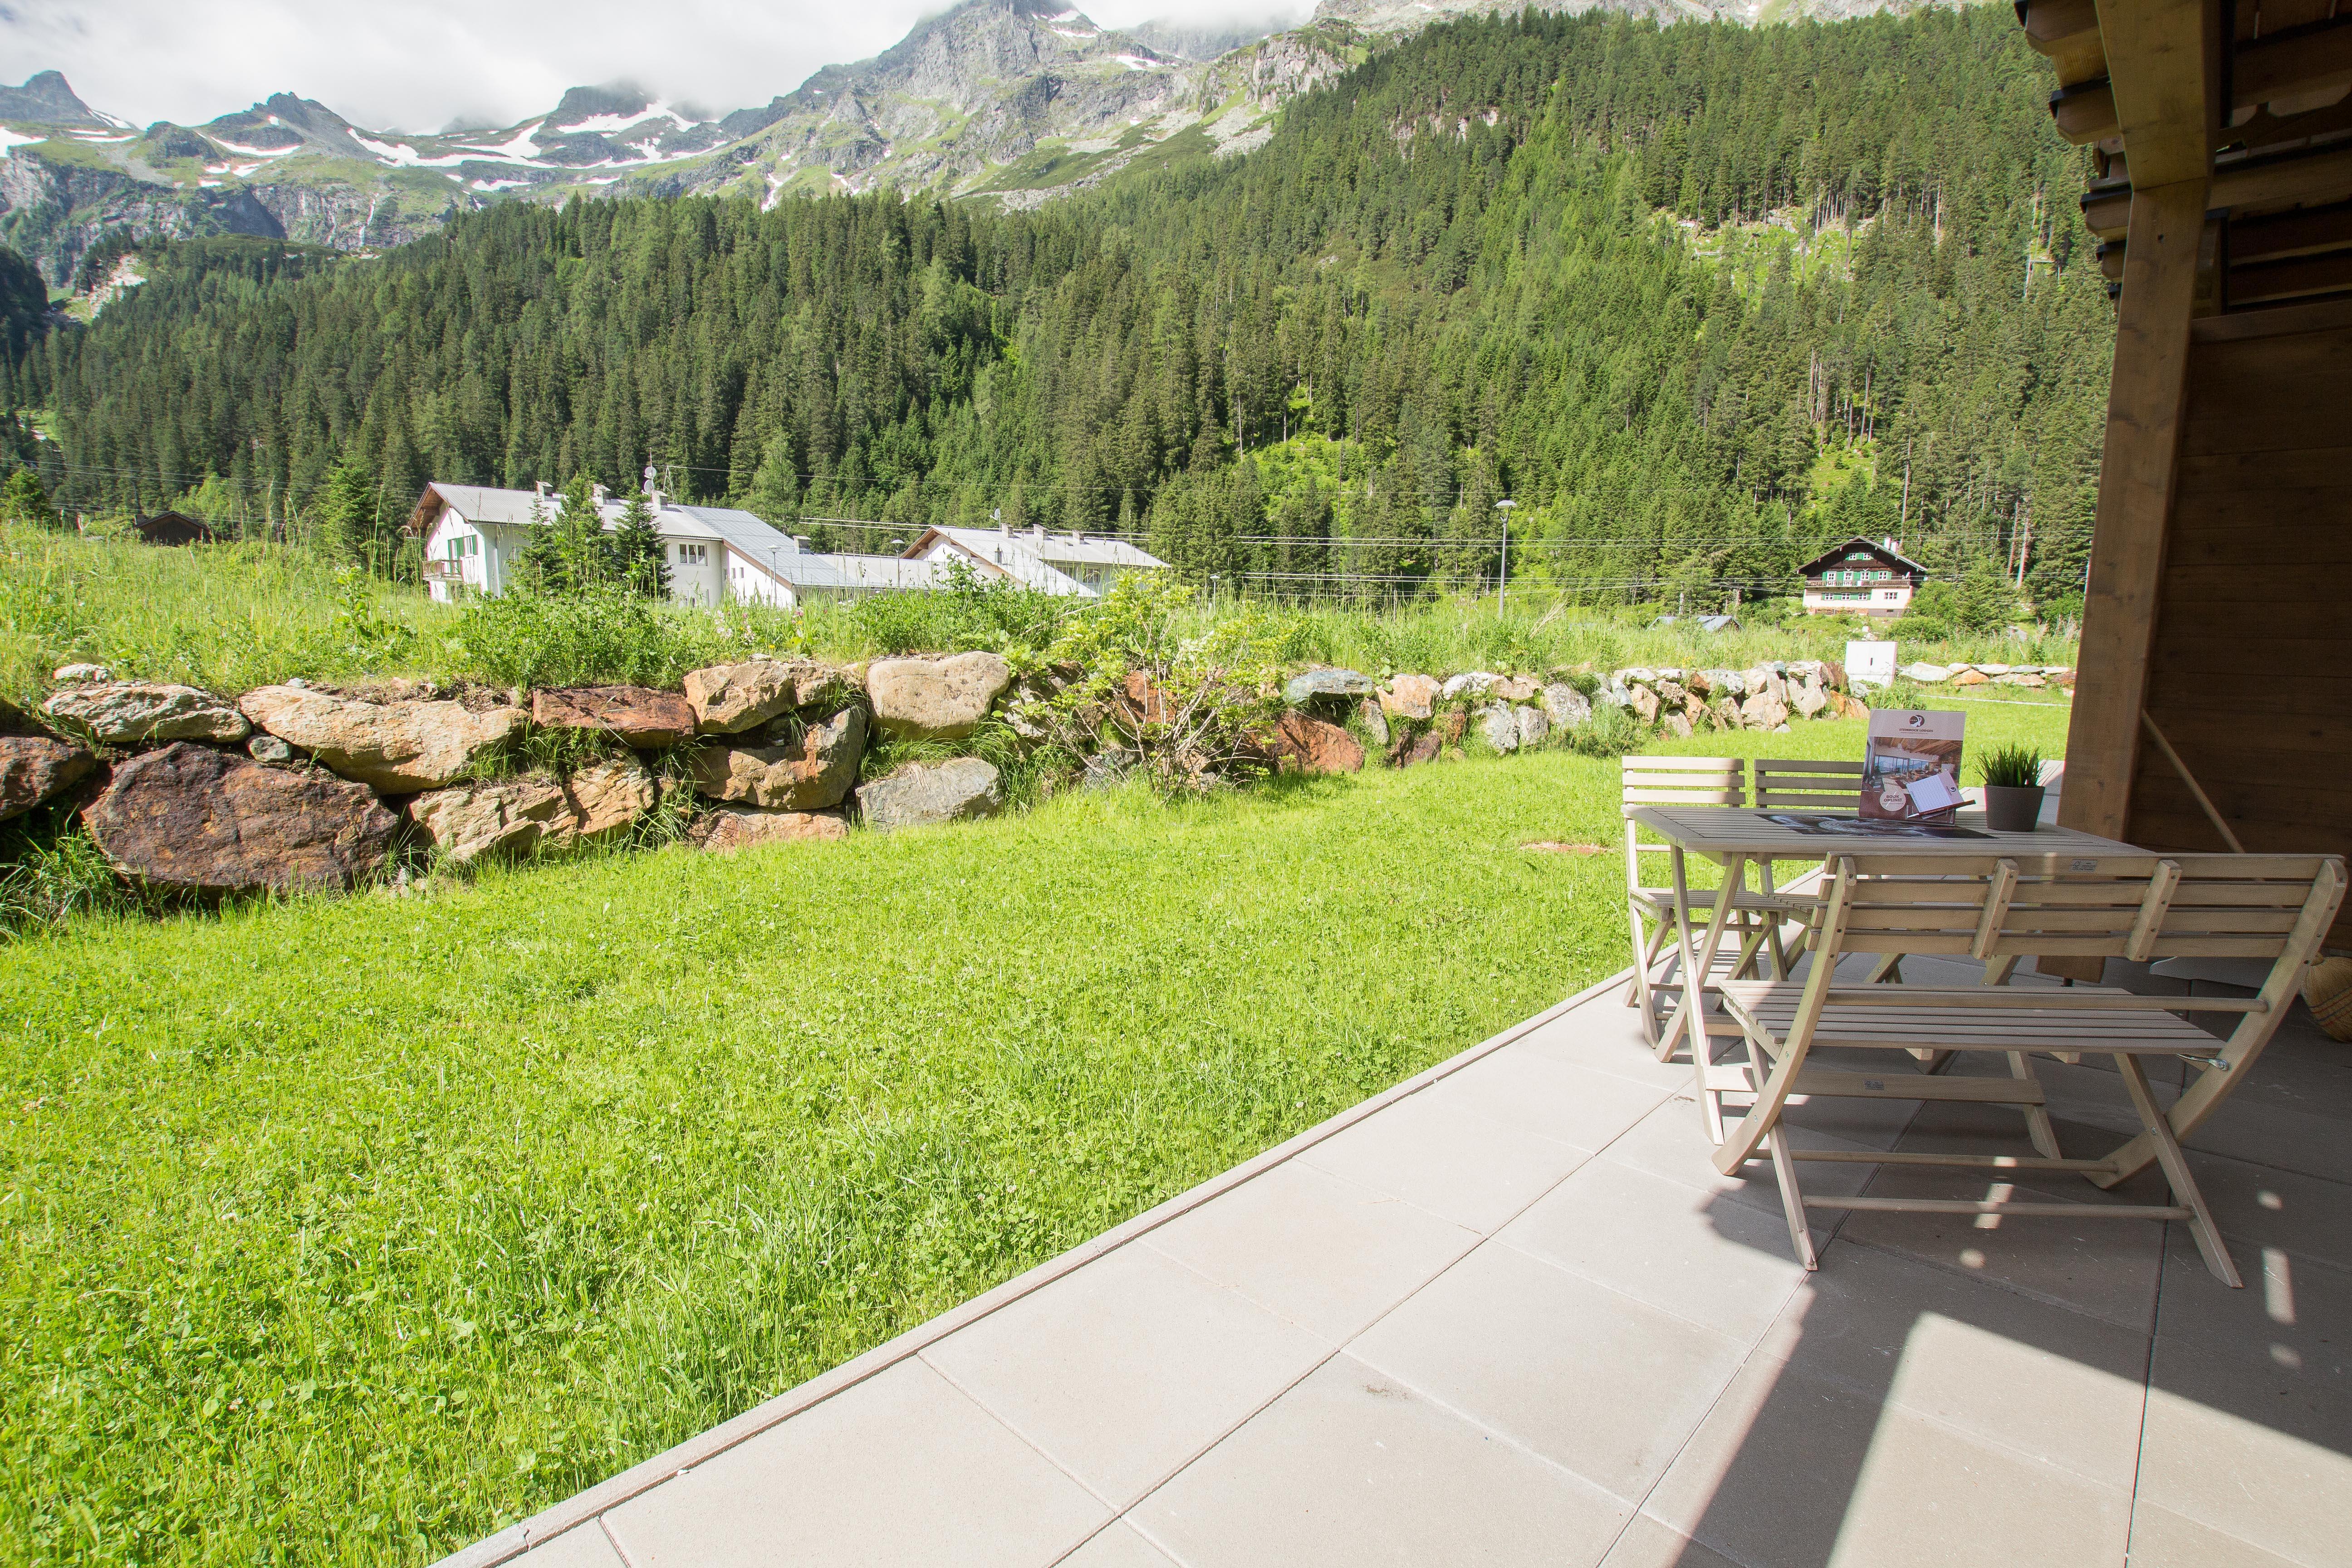 Maison de vacances Lodge Enzian direkt am Skilift (2050396), Uttendorf, Pinzgau, Salzbourg, Autriche, image 12